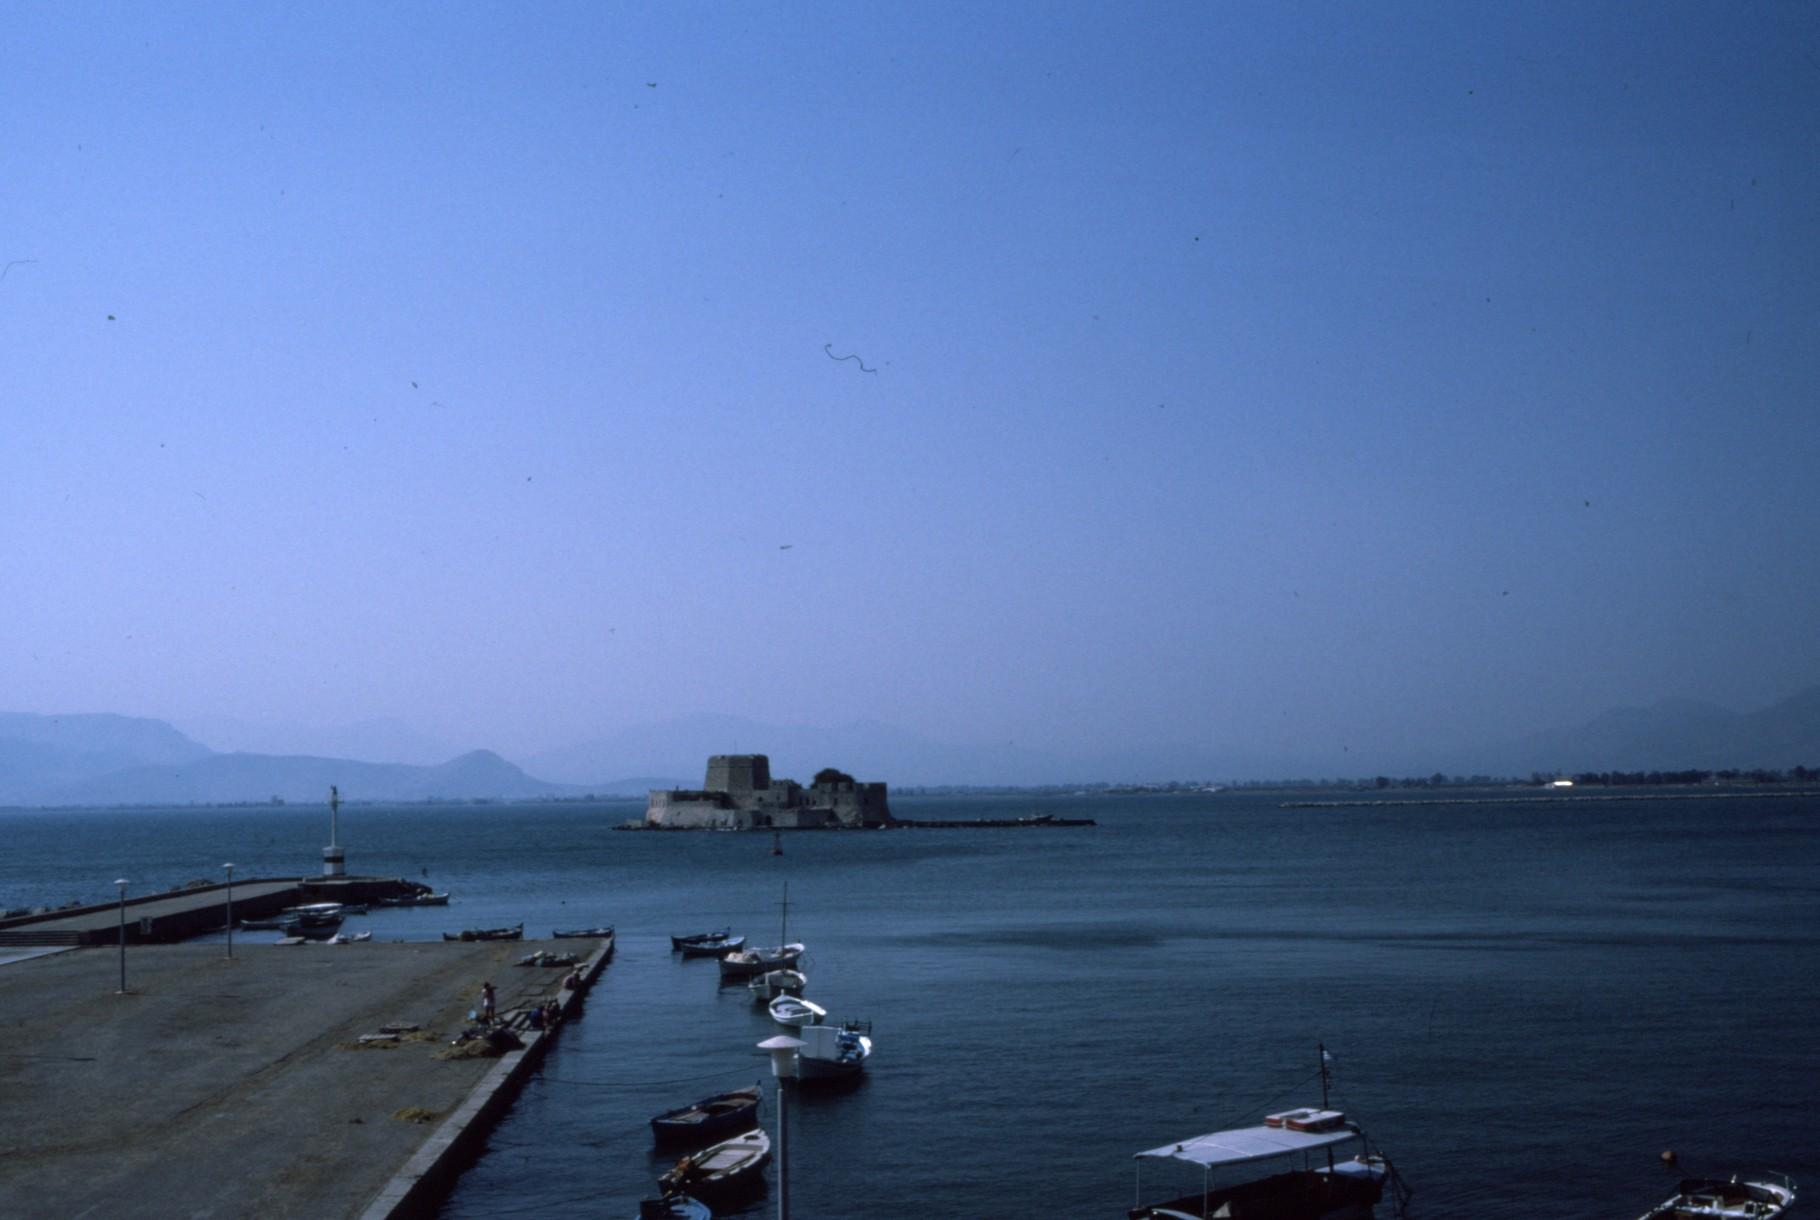 ナウフリオンの港 ヴェネツィアの要塞が見える